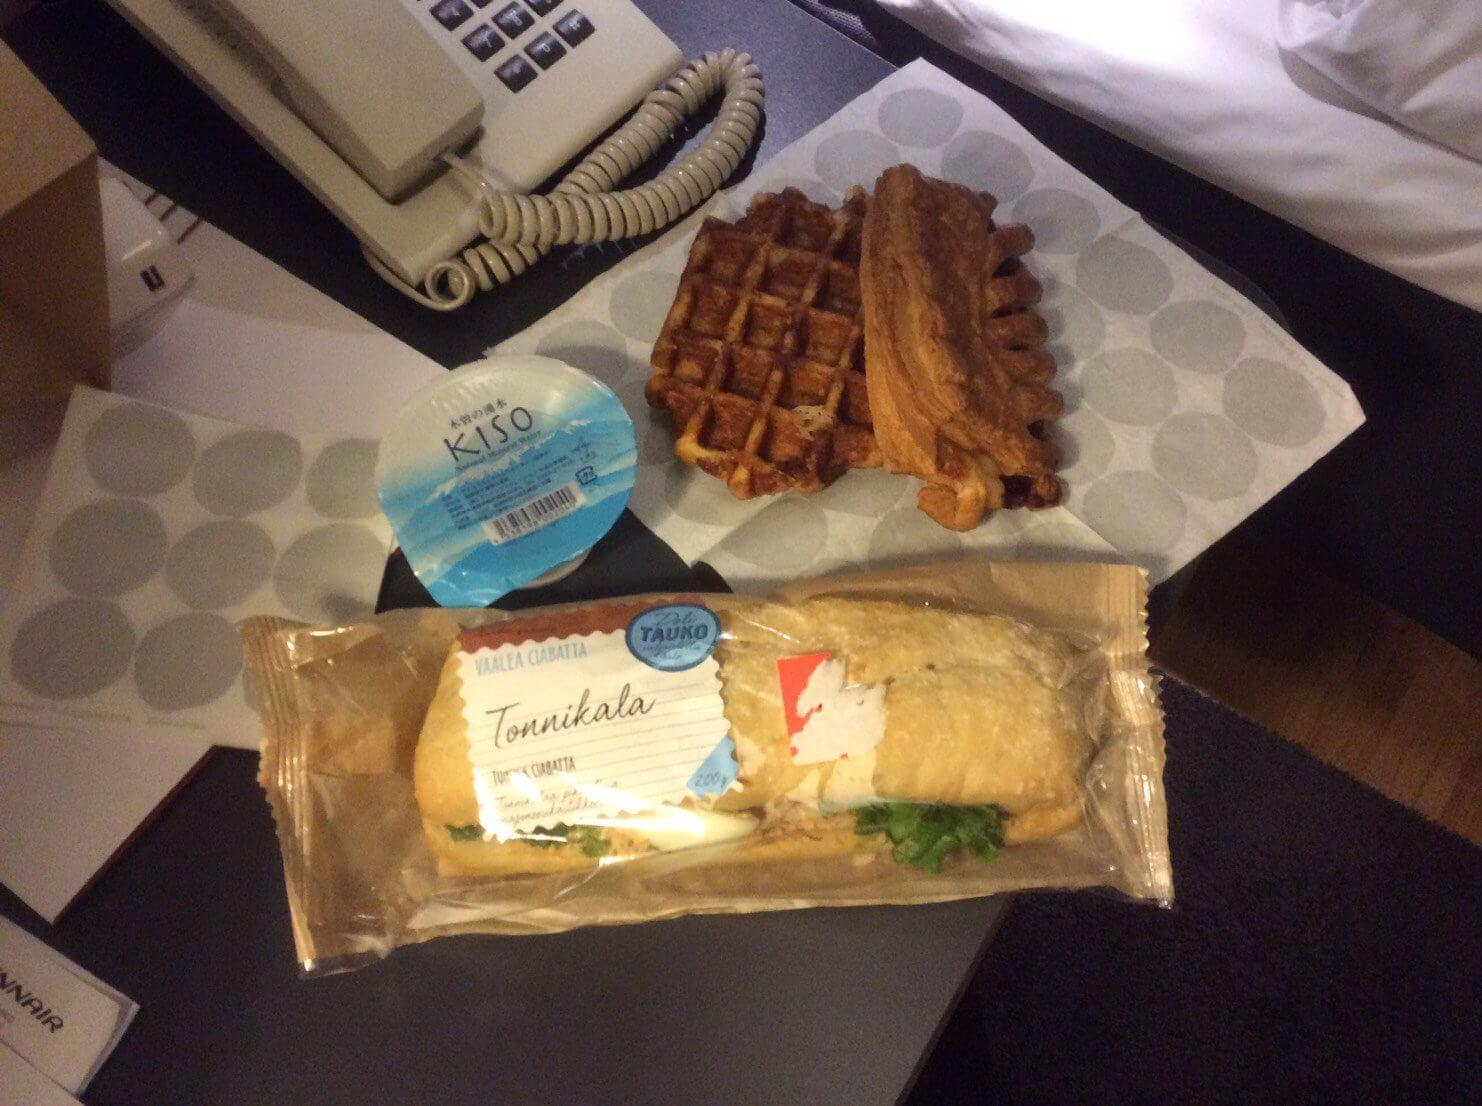 フィンランド旅行初日にスーパーで購入したパン。水はフィンエアー機内でもらったものを飲まずに持ち込んだ